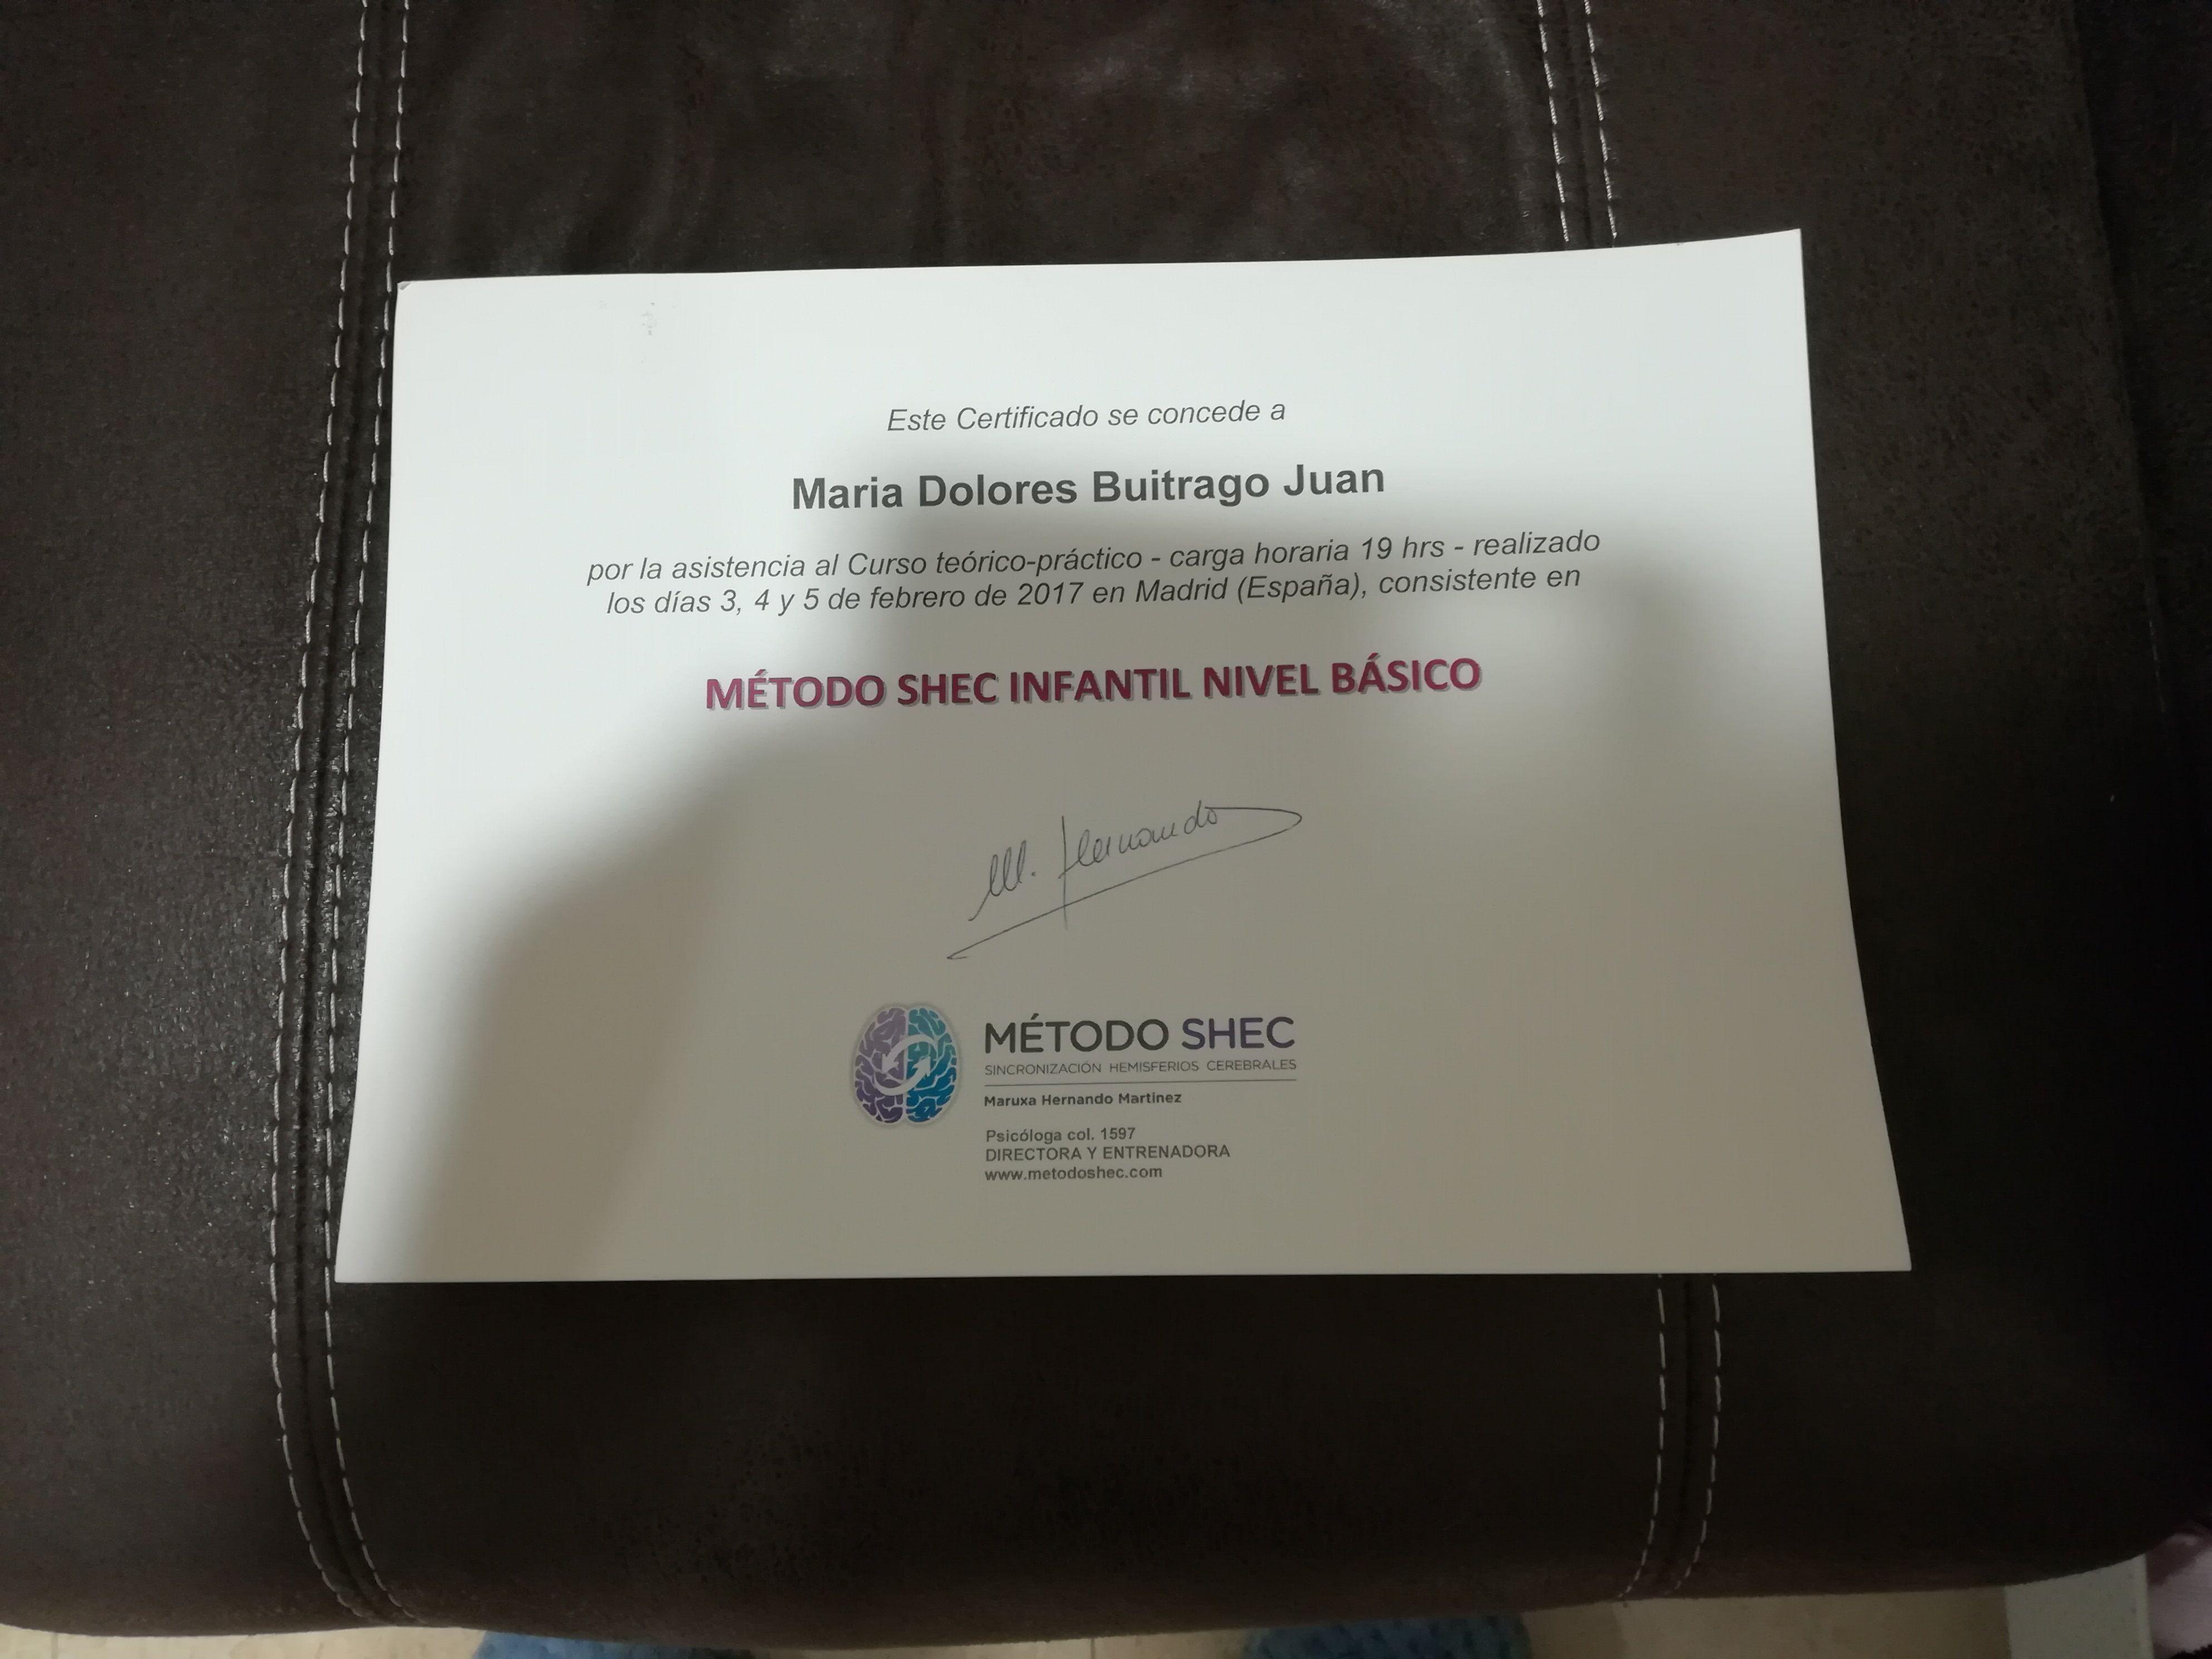 Terapia Método SHEC ( niños y adolescentes): Terapias y Tratamientos de Centro de psicología. Elche, Alicante